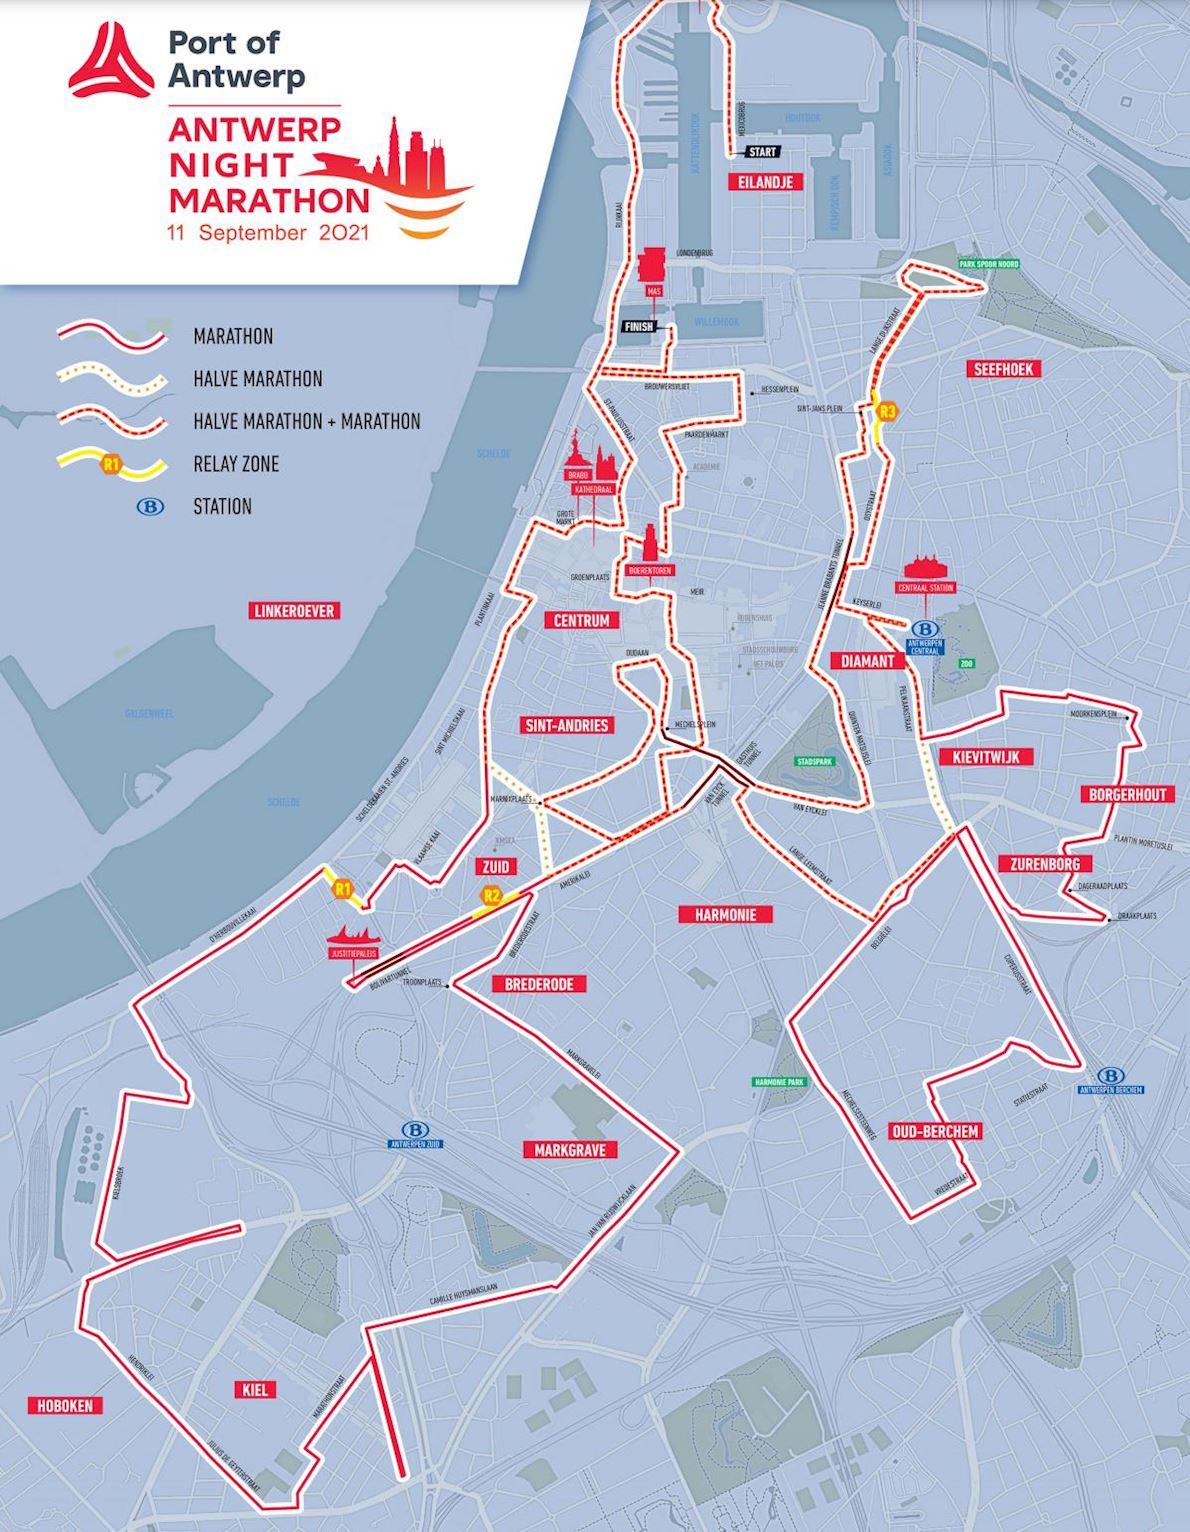 Port of Antwerp Night Marathon  MAPA DEL RECORRIDO DE